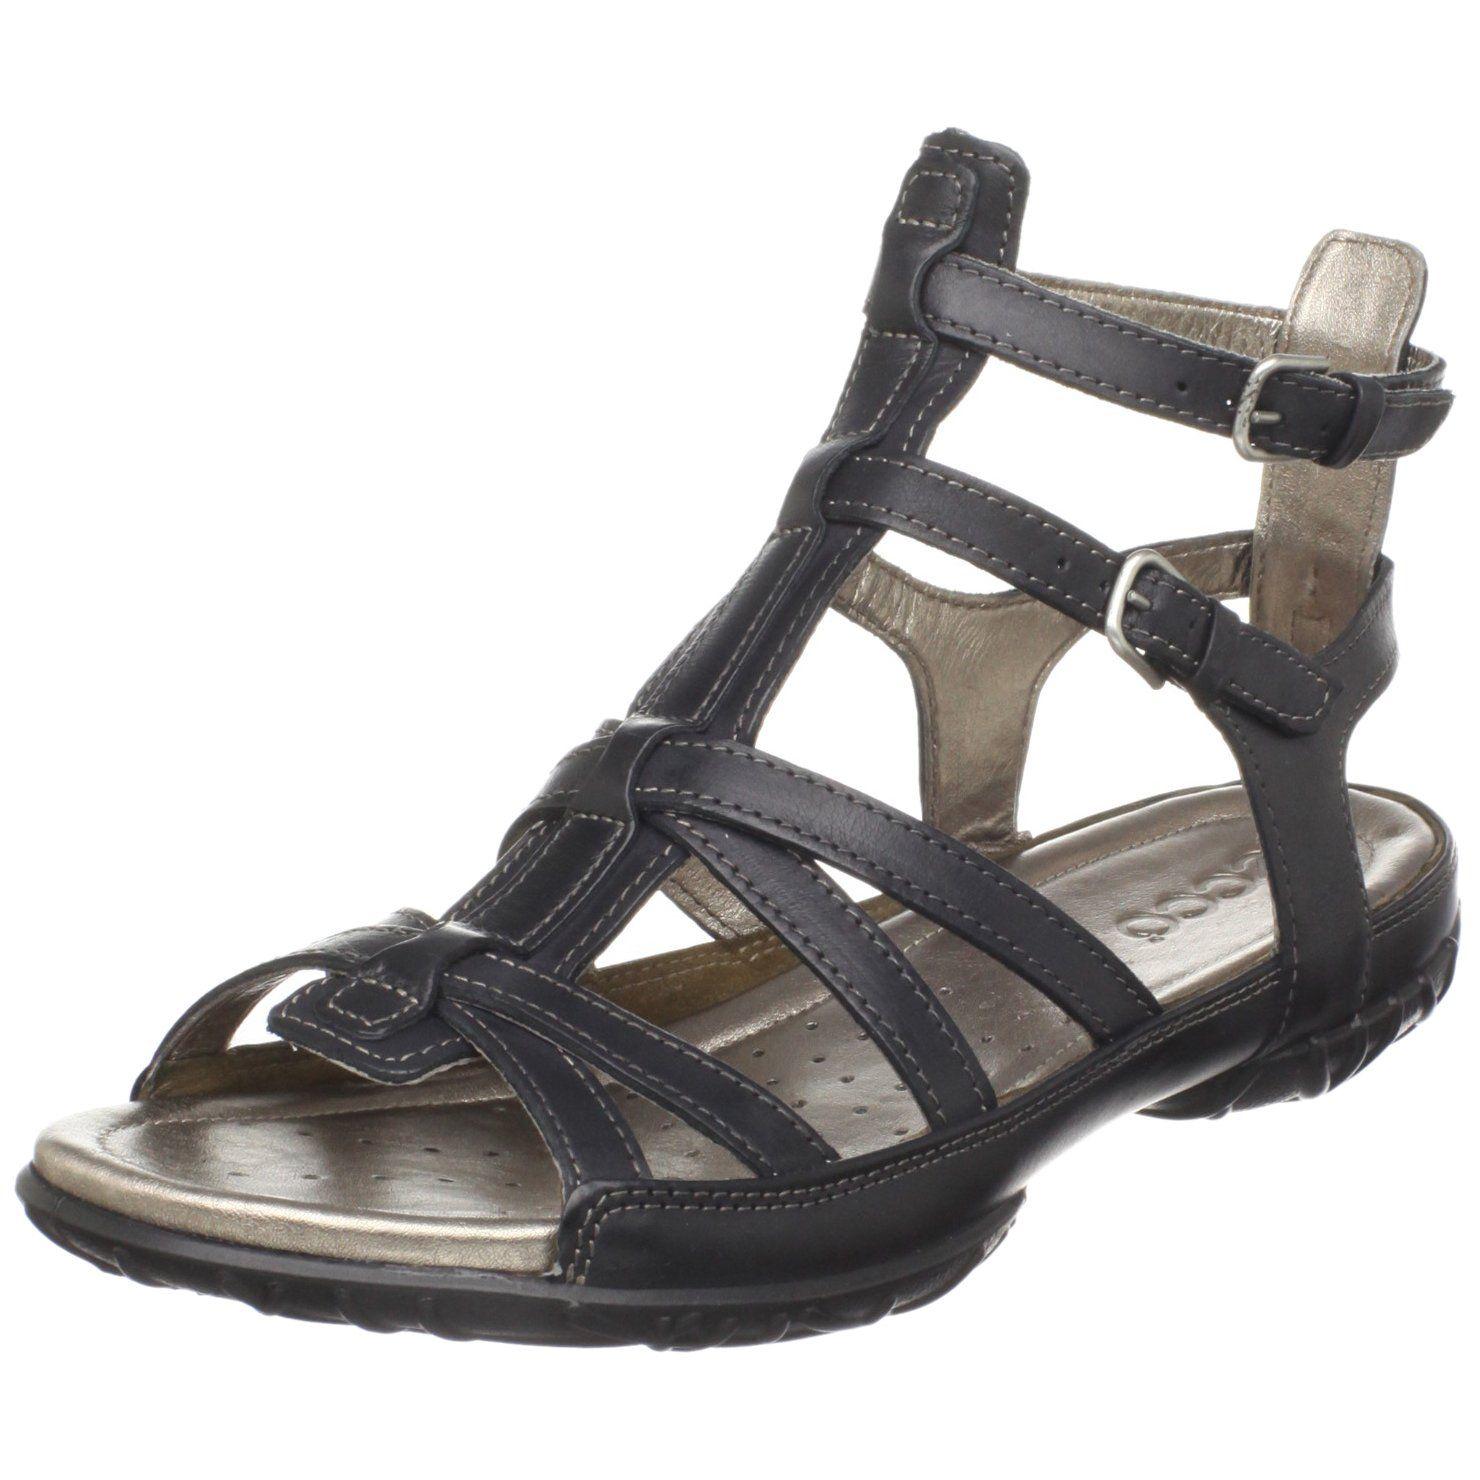 ae053da2a4f4 Amazon.com  ECCO Women s Groove Gladiator Sandal